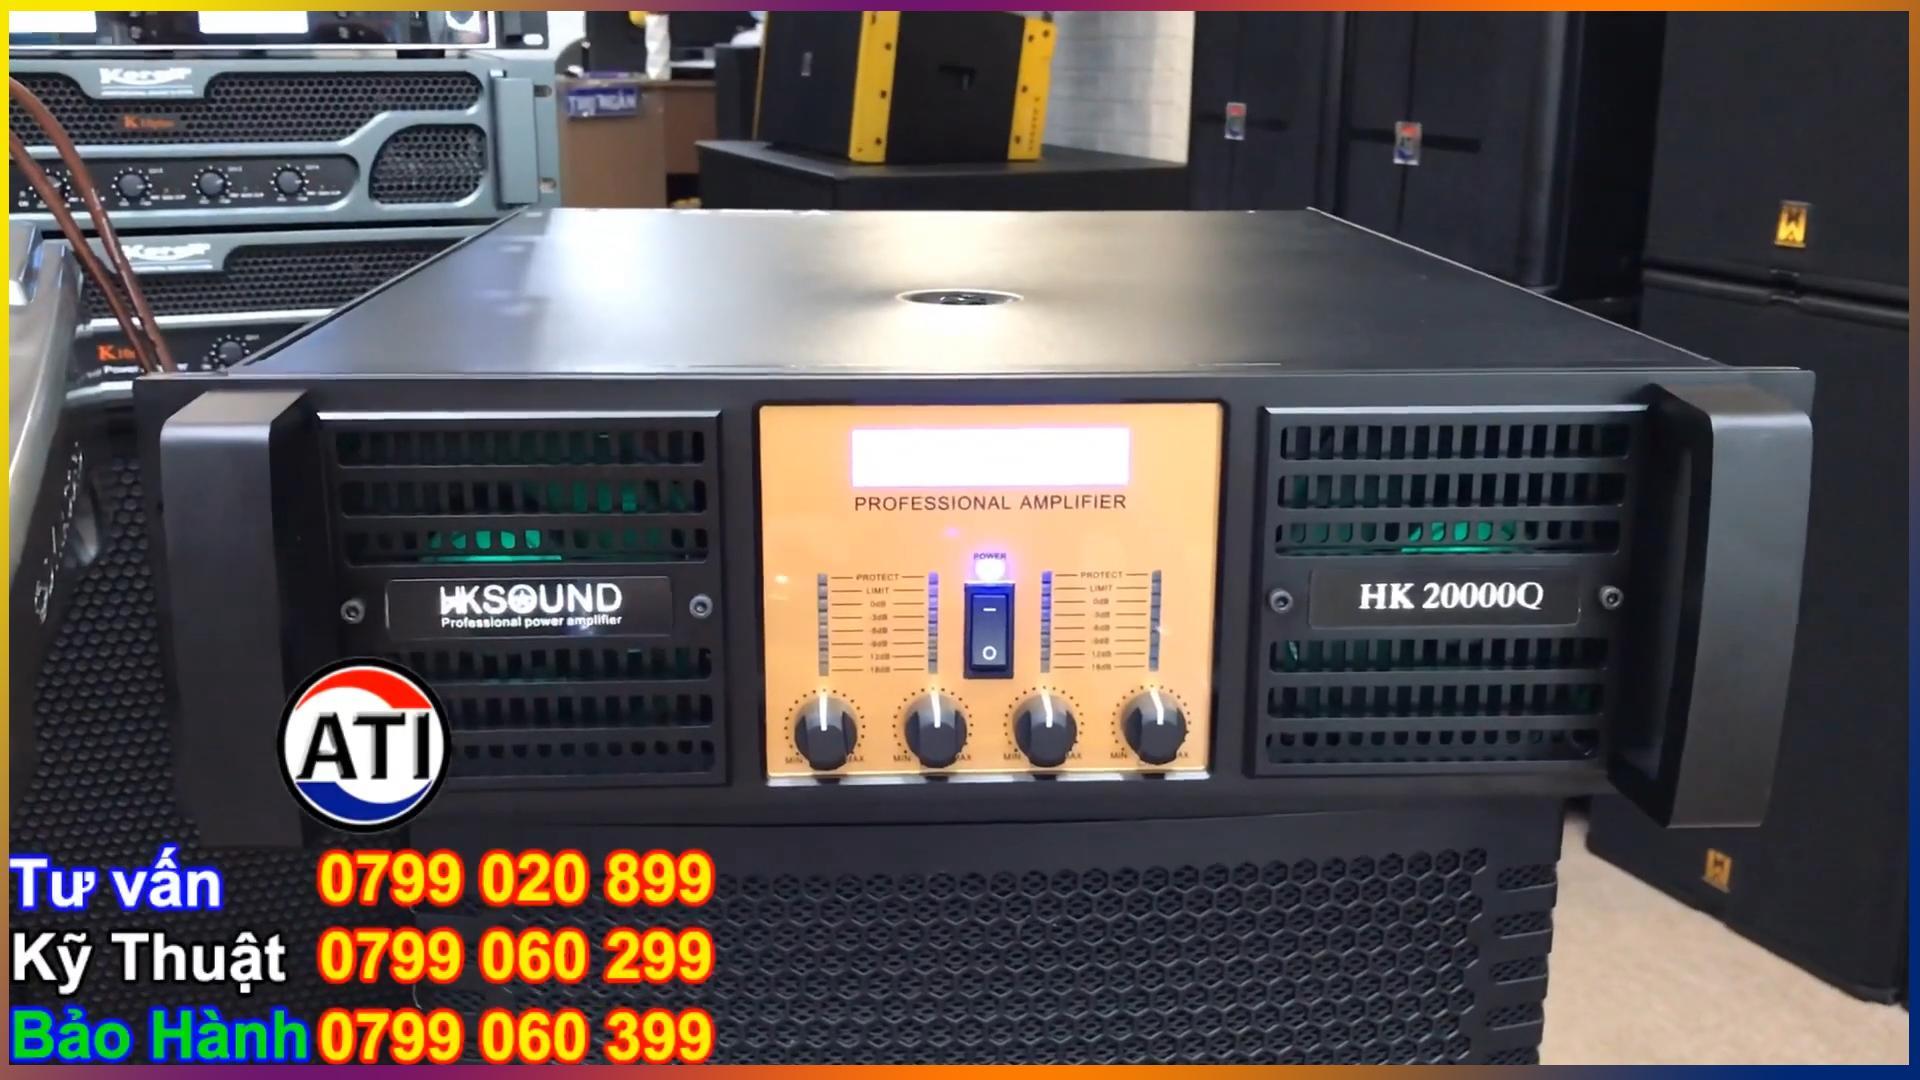 Cục đẩy HKSound HK 20000Q